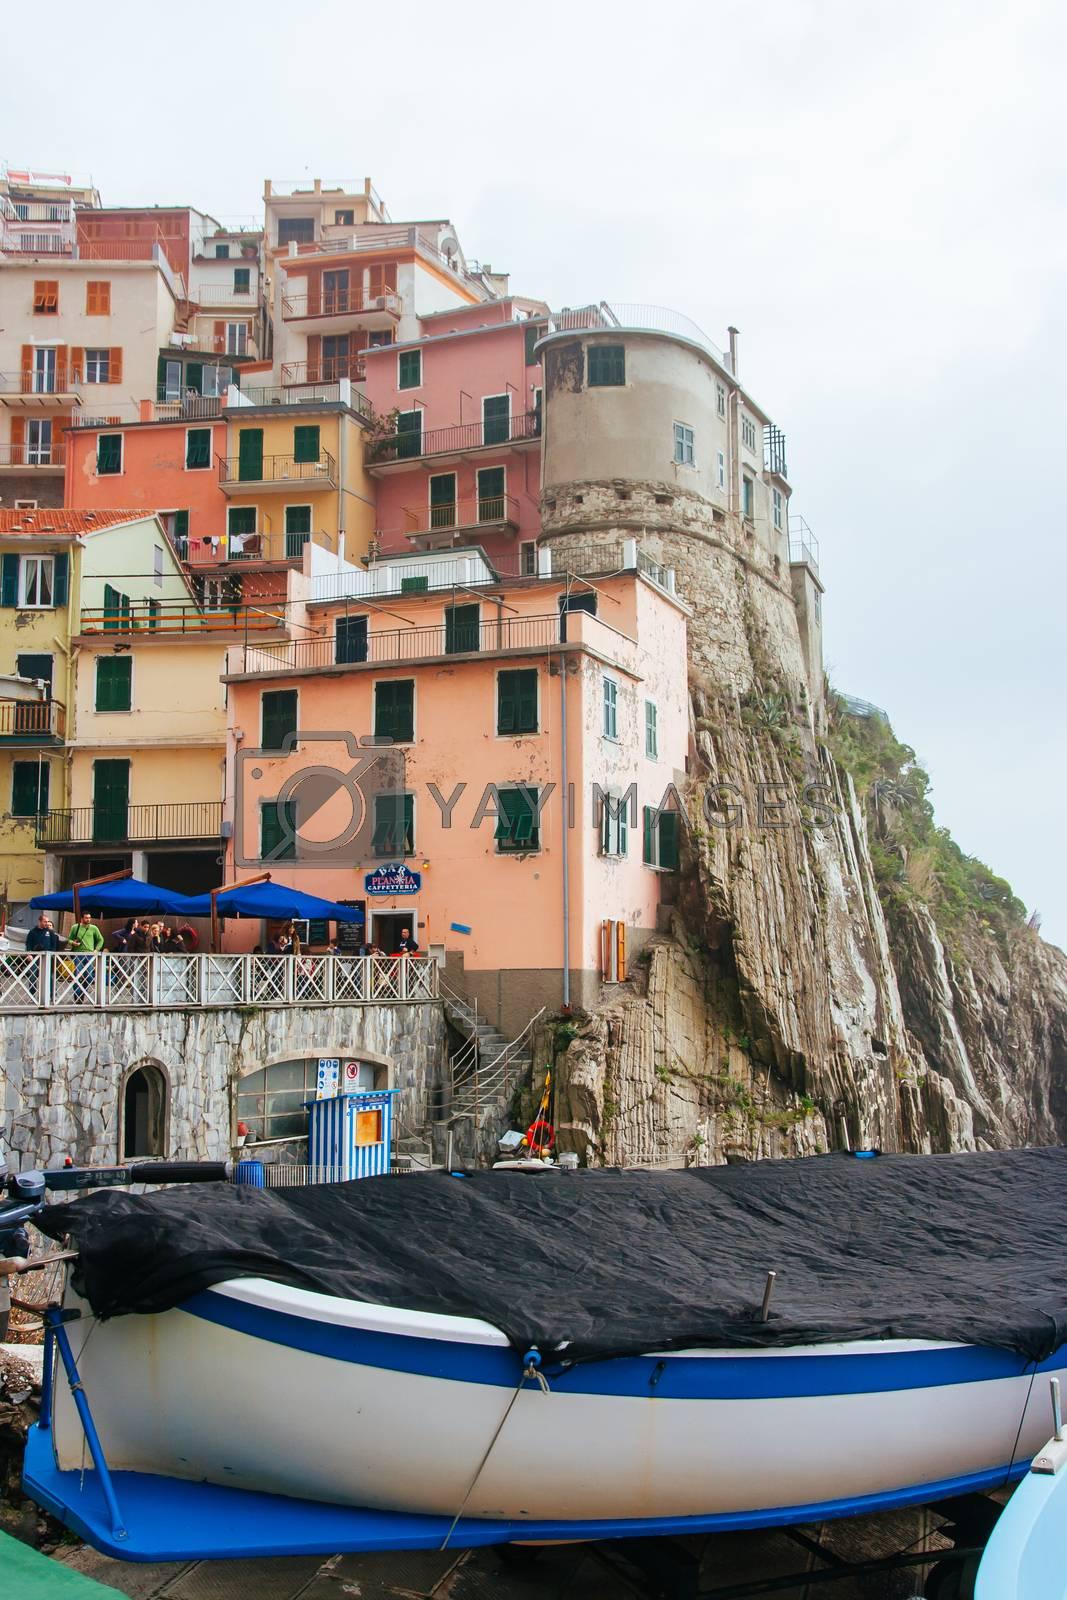 Royalty free image of Manarola in Cinque Terre Italy by FiledIMAGE